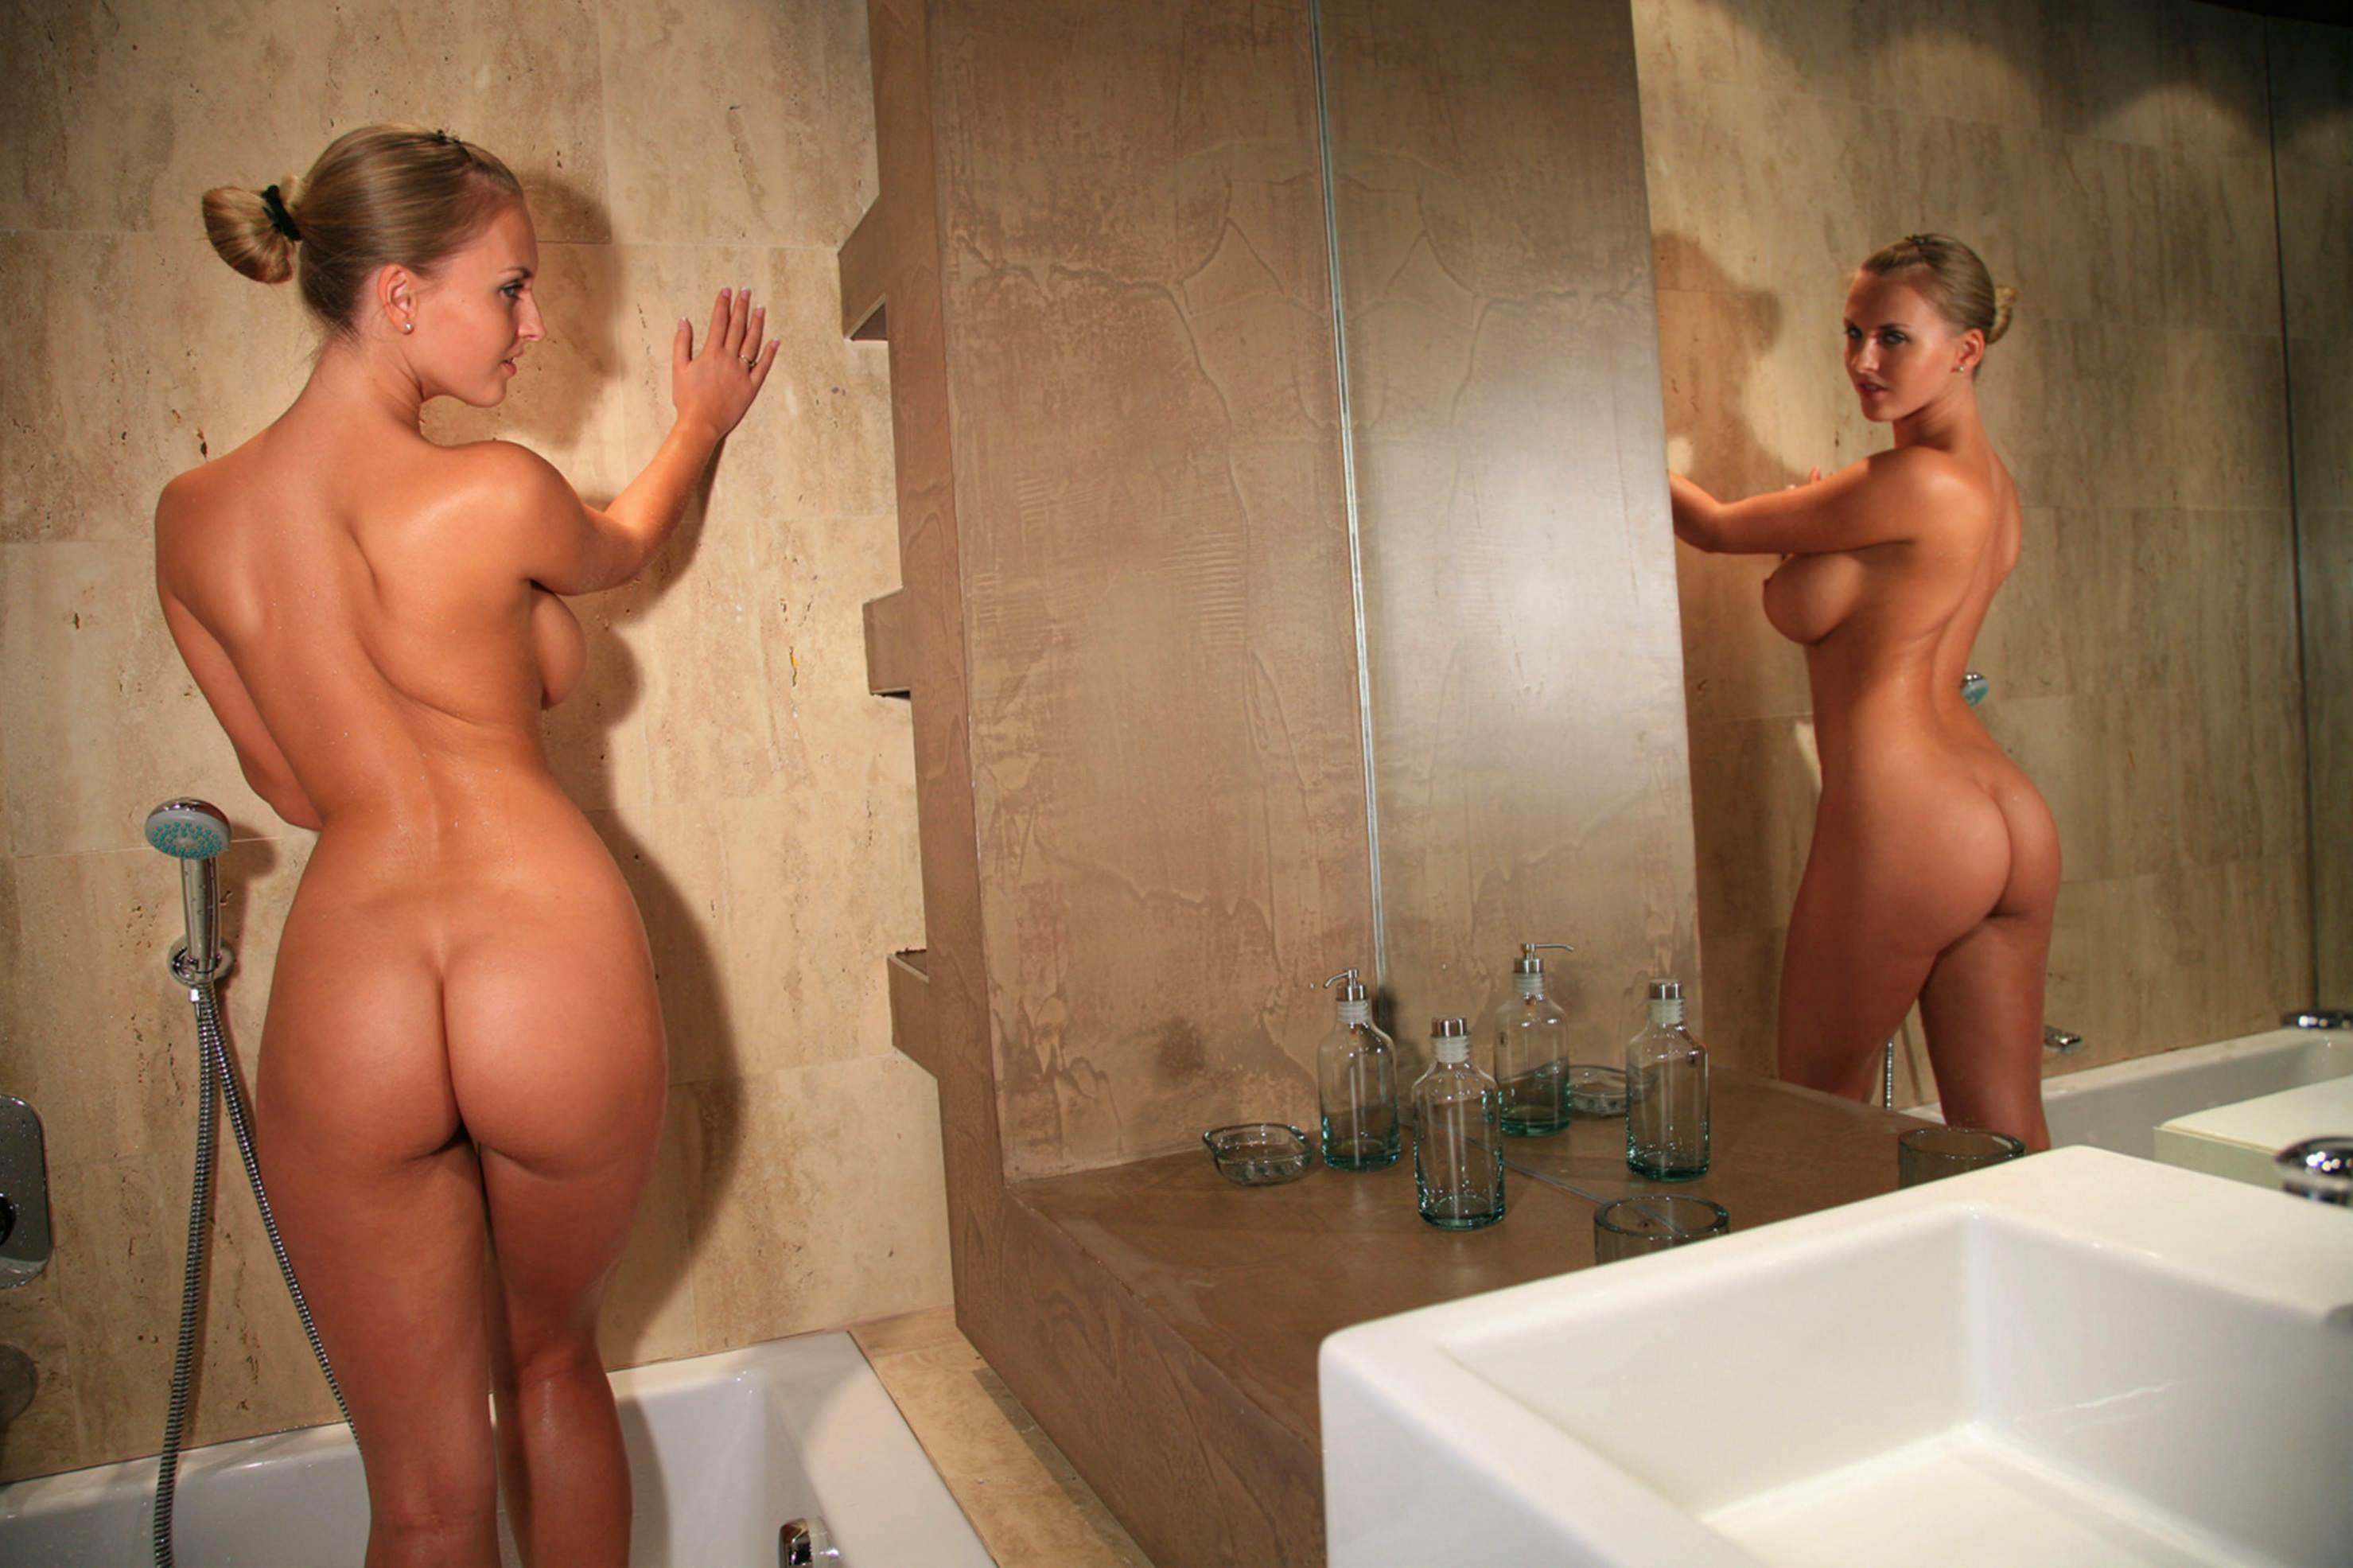 Рыжая девушка в ванной с айфоном пятым голая 21 фотография